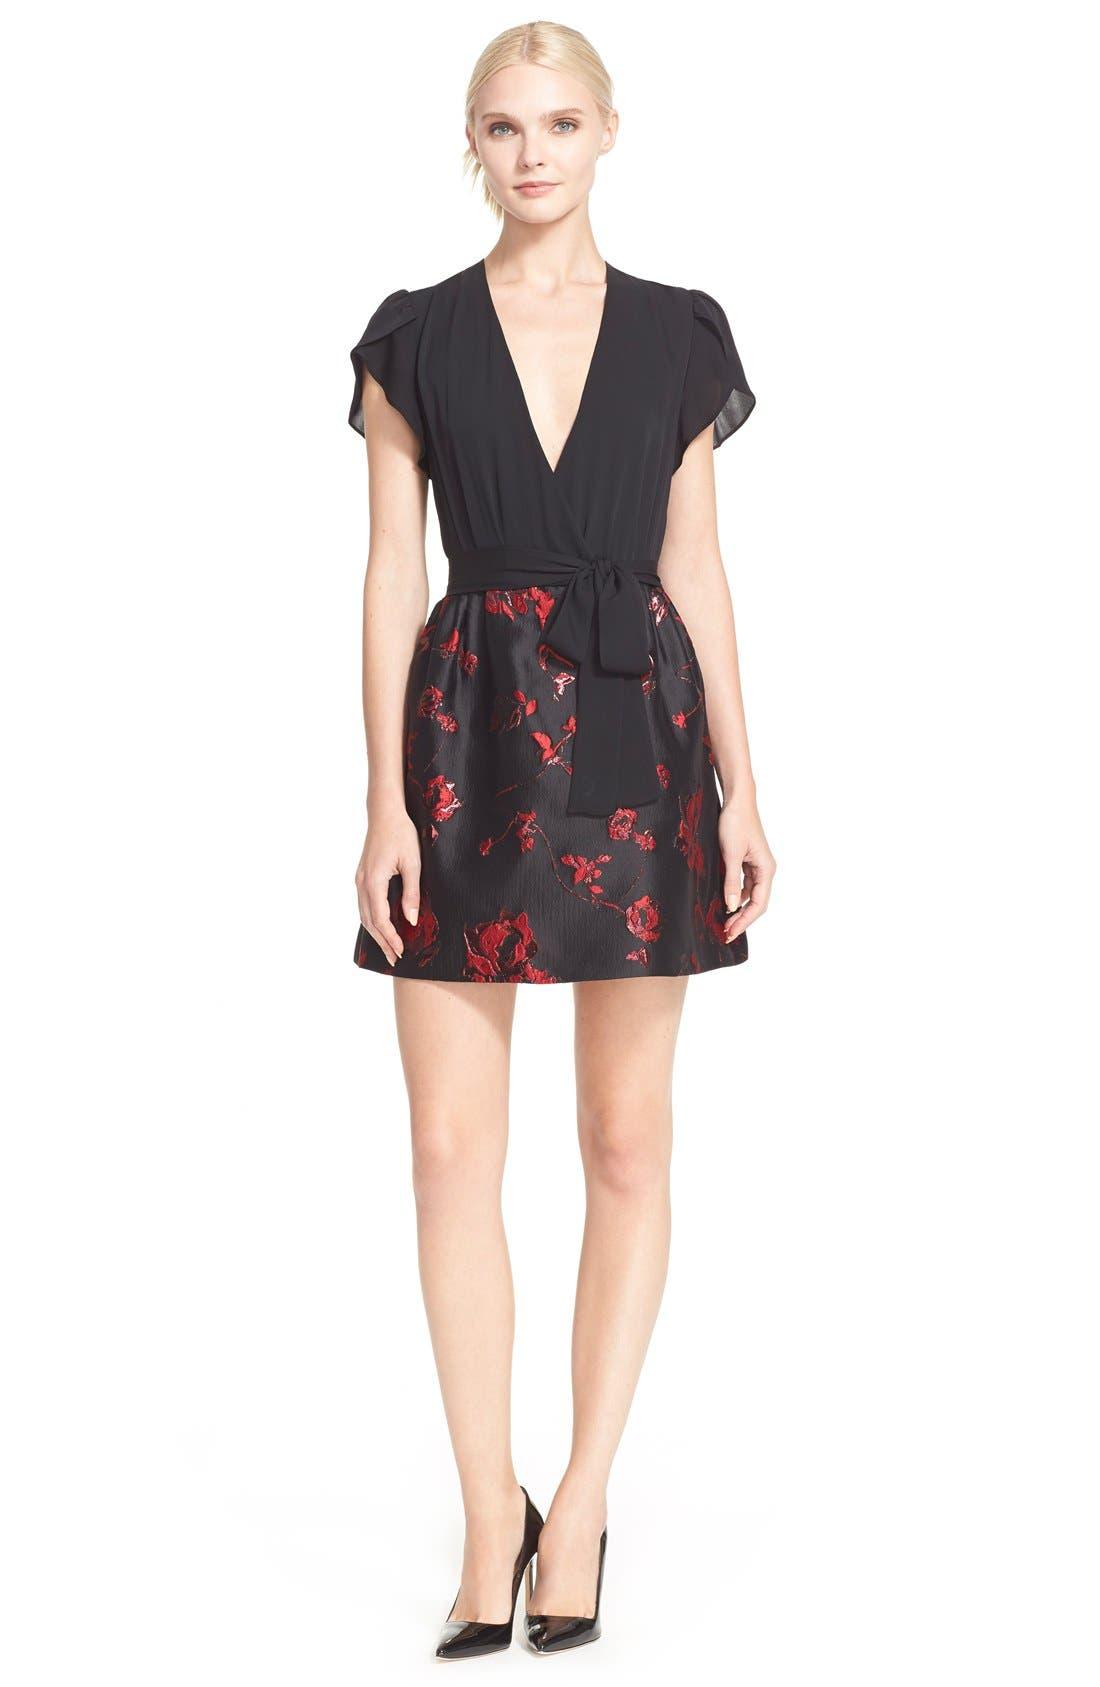 Main Image - Diane von Furstenberg 'Ivy' Floral Brocade Dress